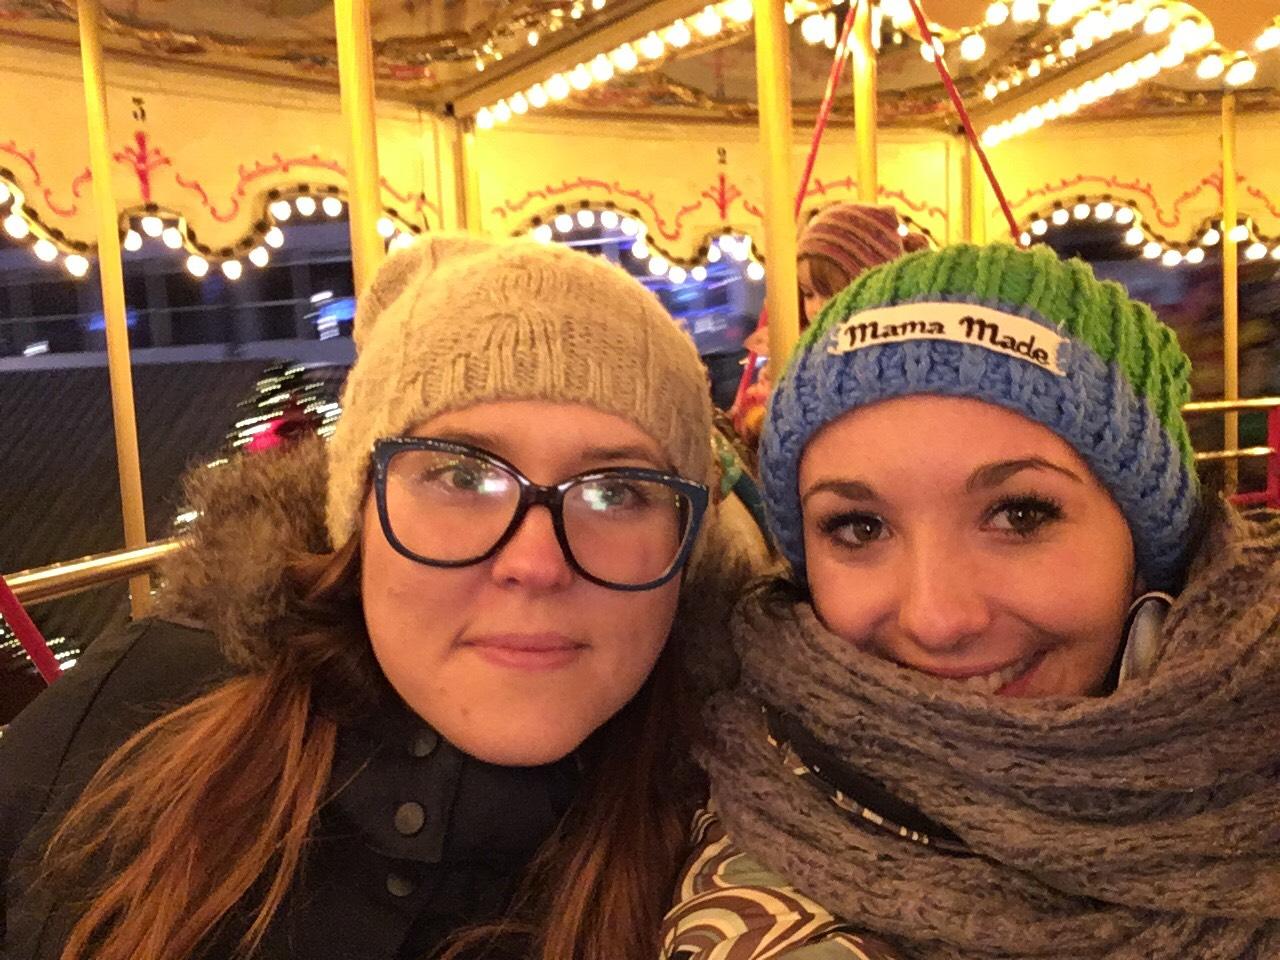 jarmark bożonarodzeniowy berlin alexanderplatz